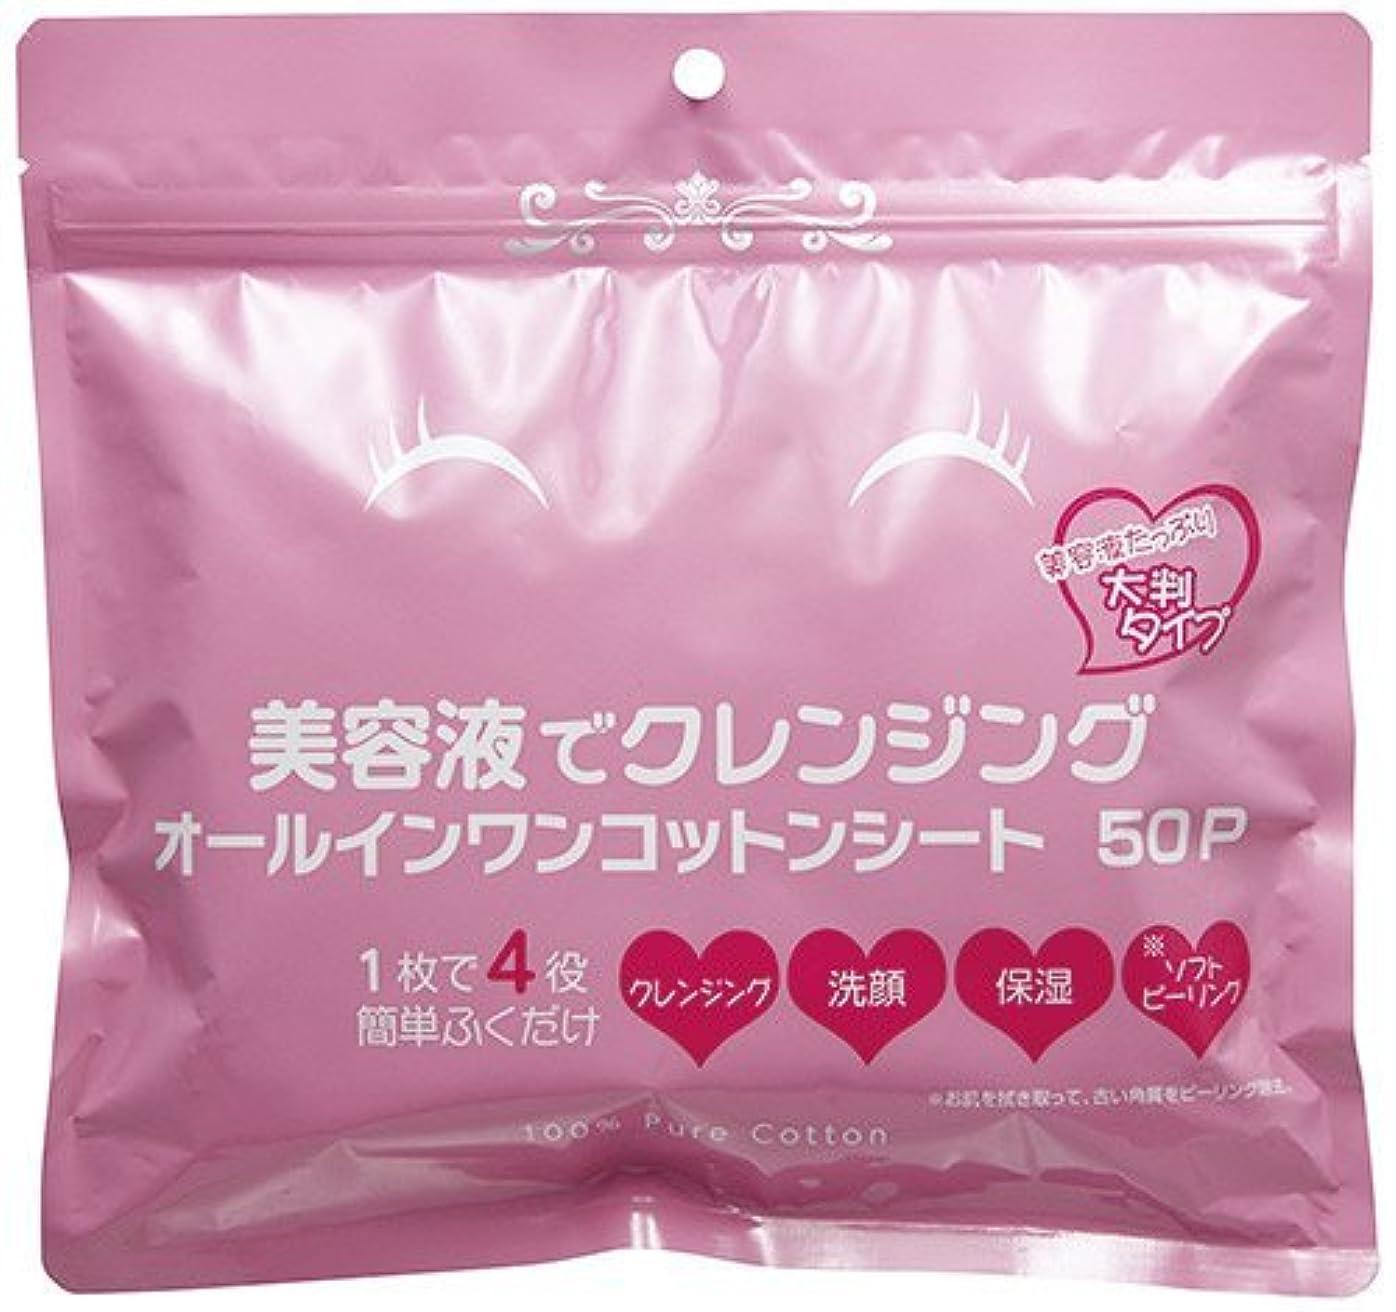 凍った可決氏美容液でクレンジング オールインワンコットンシート 50P(50枚入)